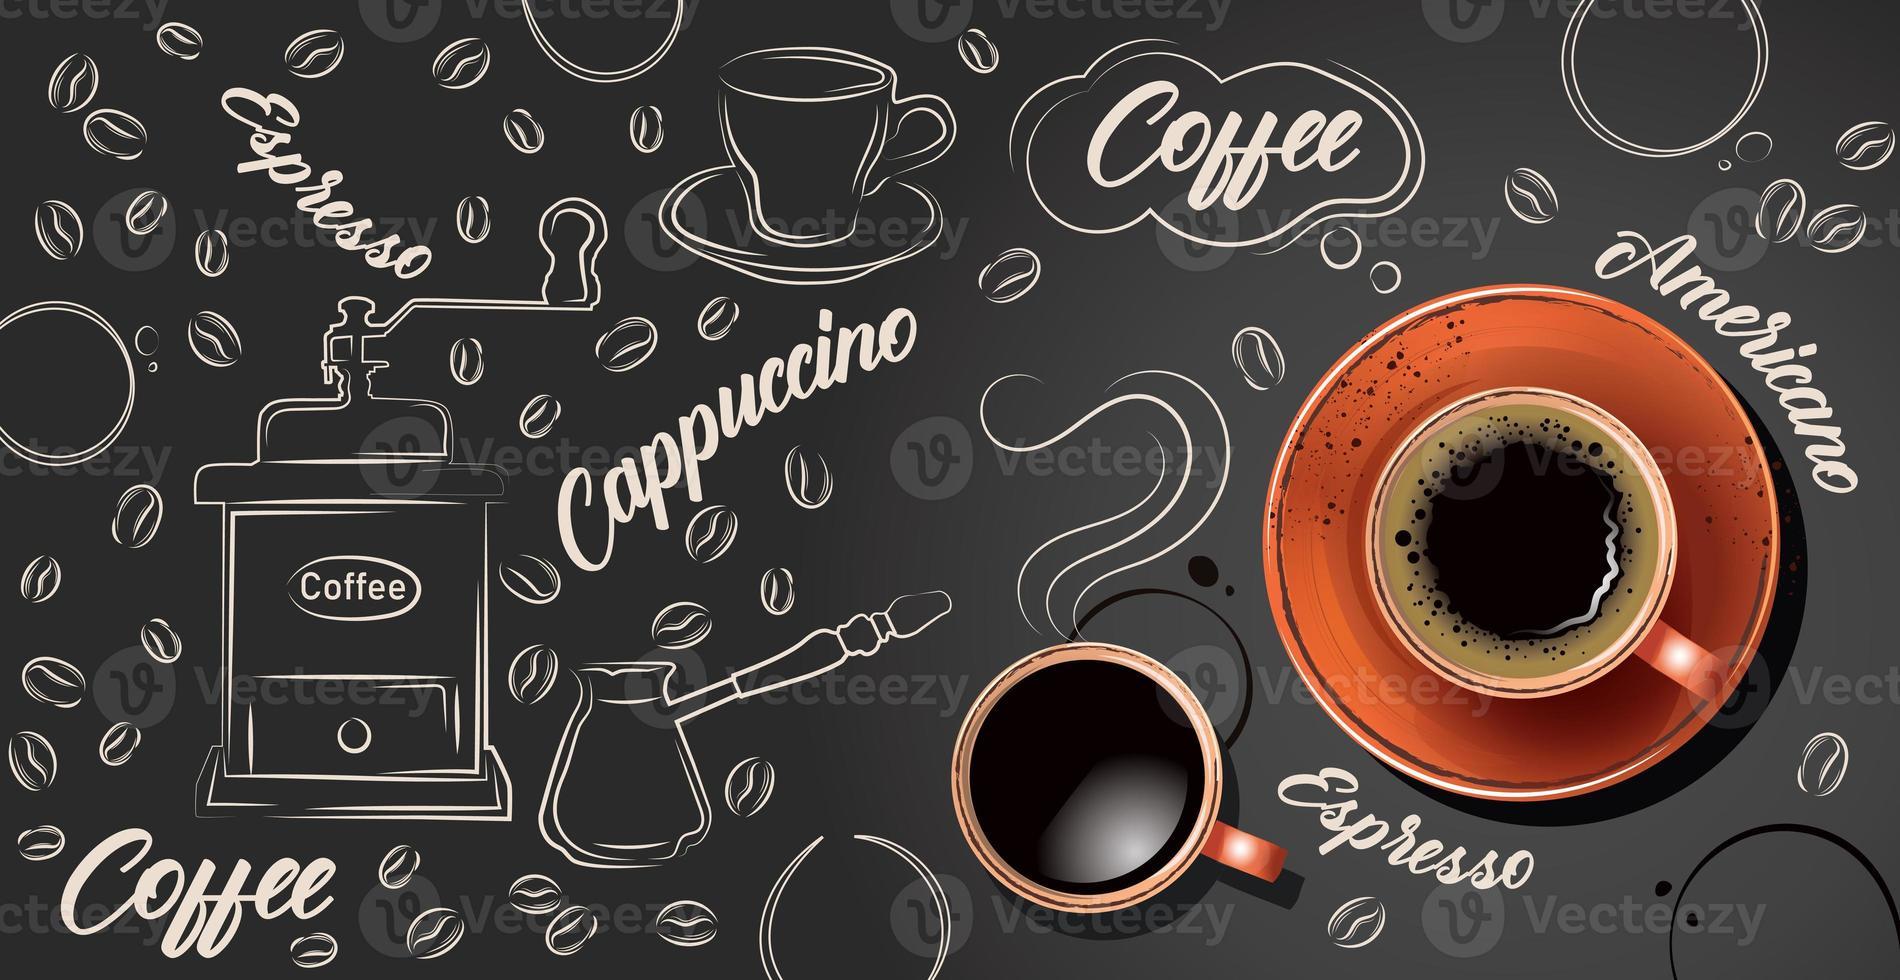 koffie achtergrond met realistische kop koffie - vector foto